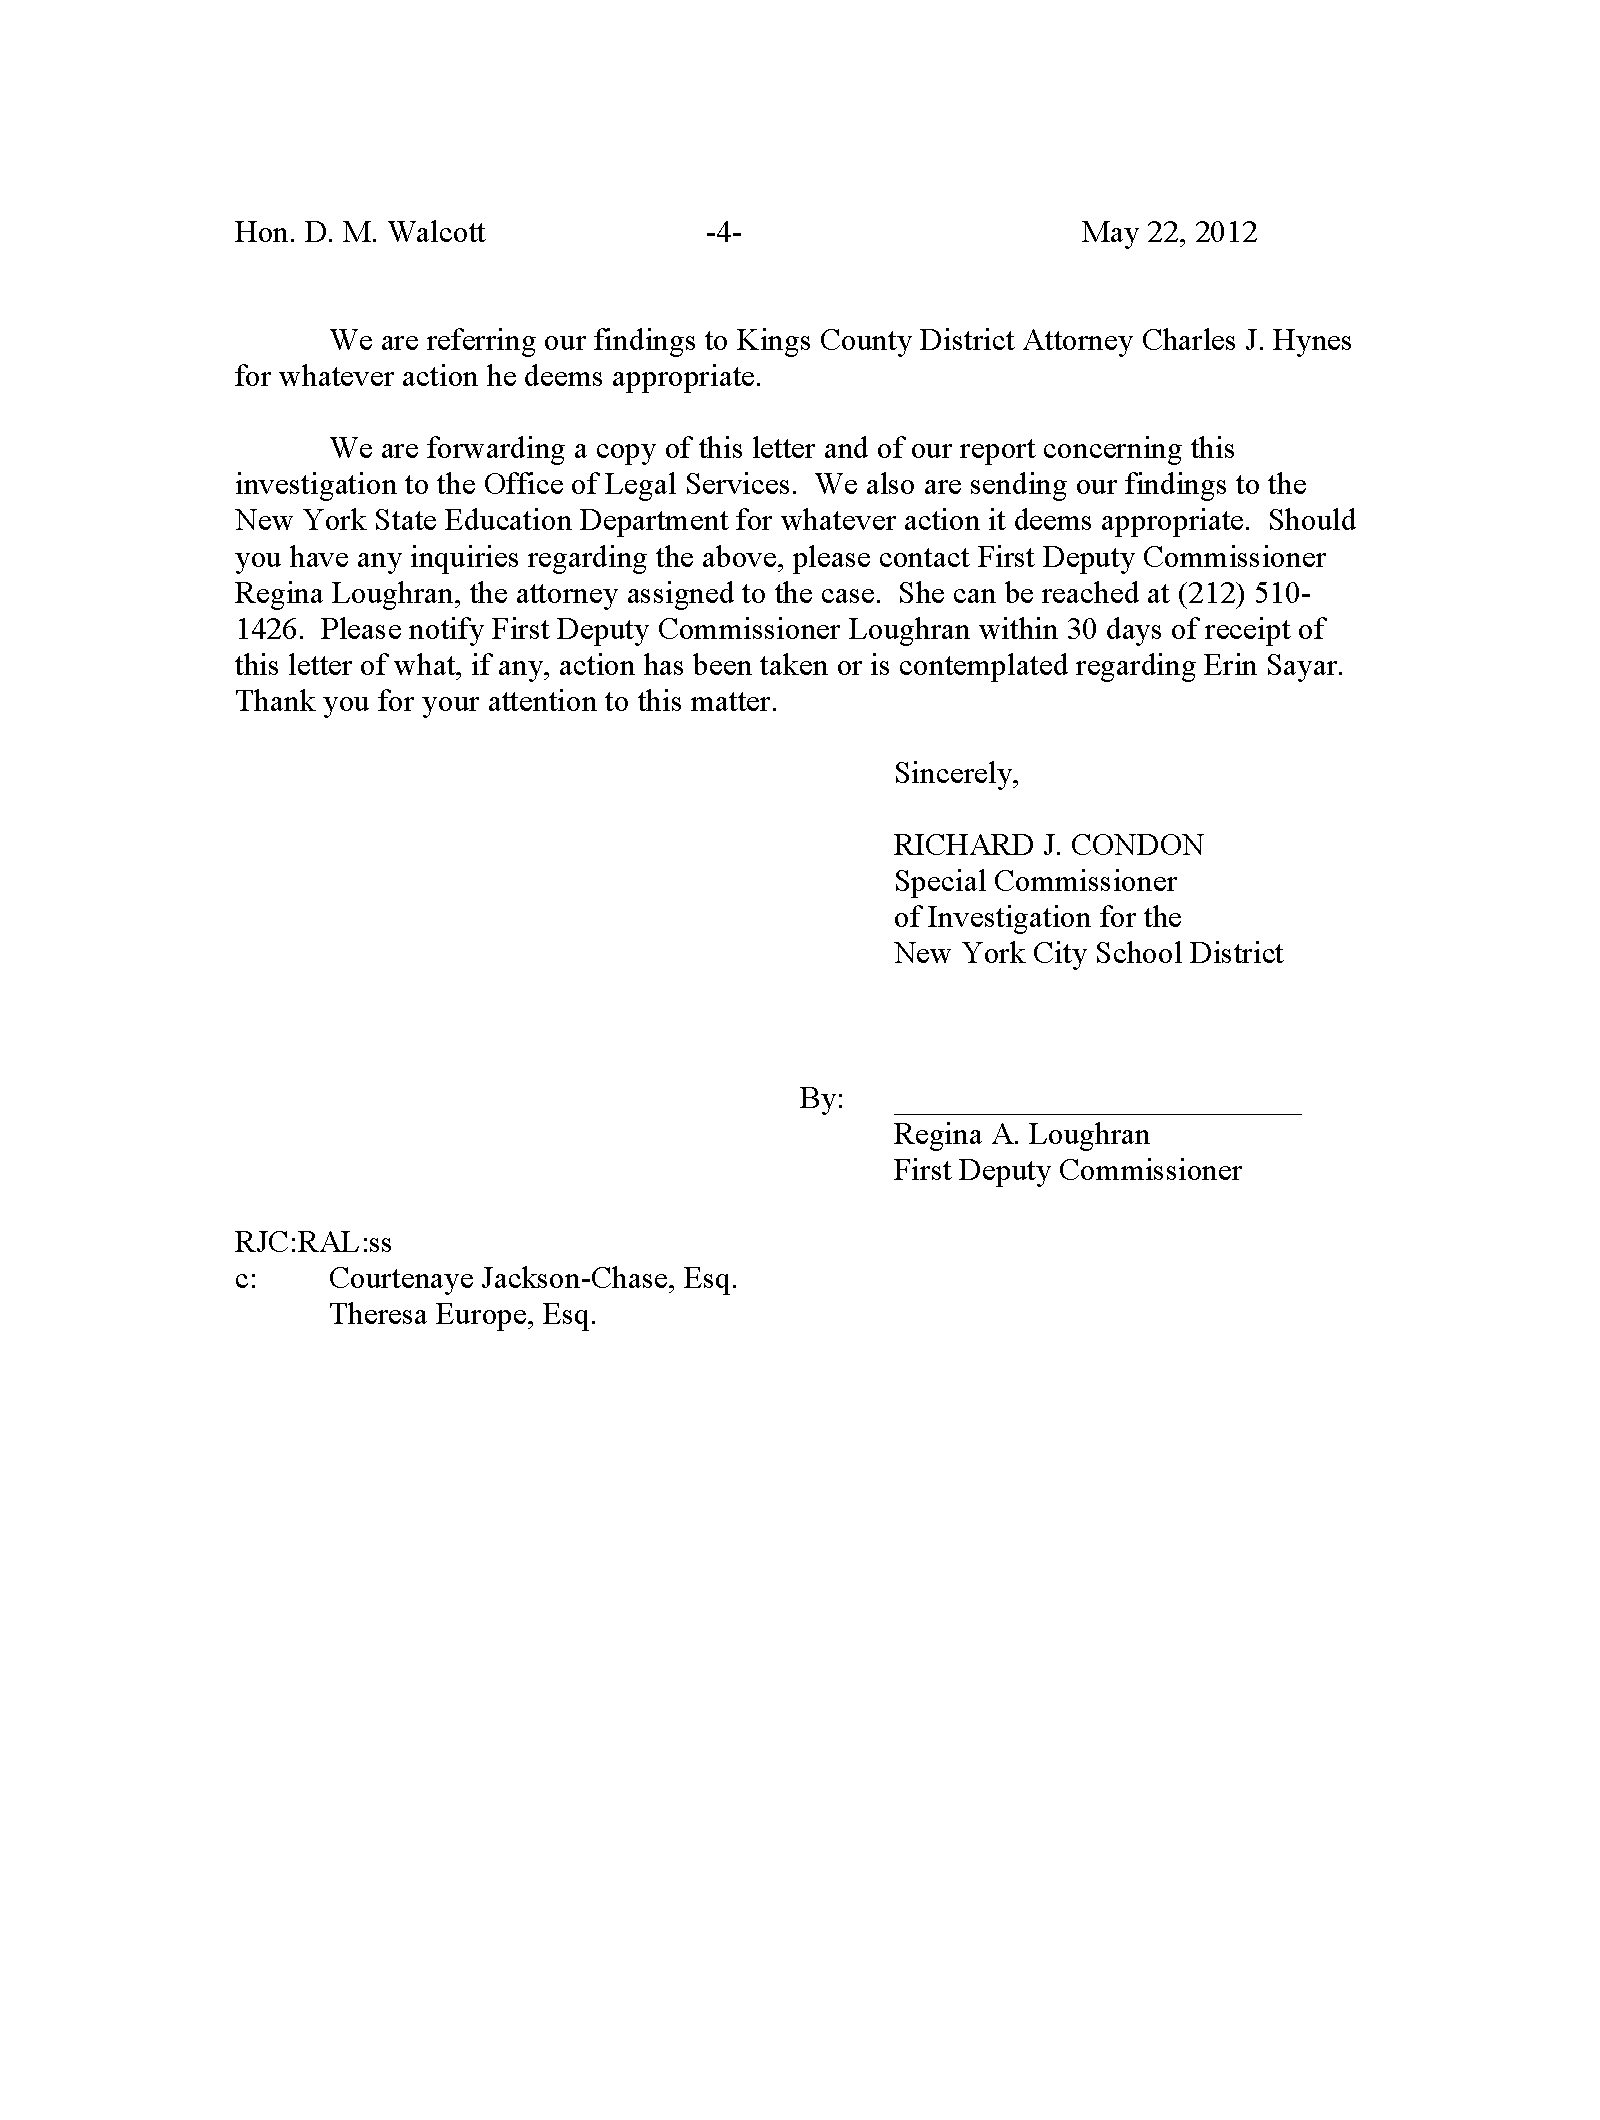 Copy of sayar erin investigative letter4.png